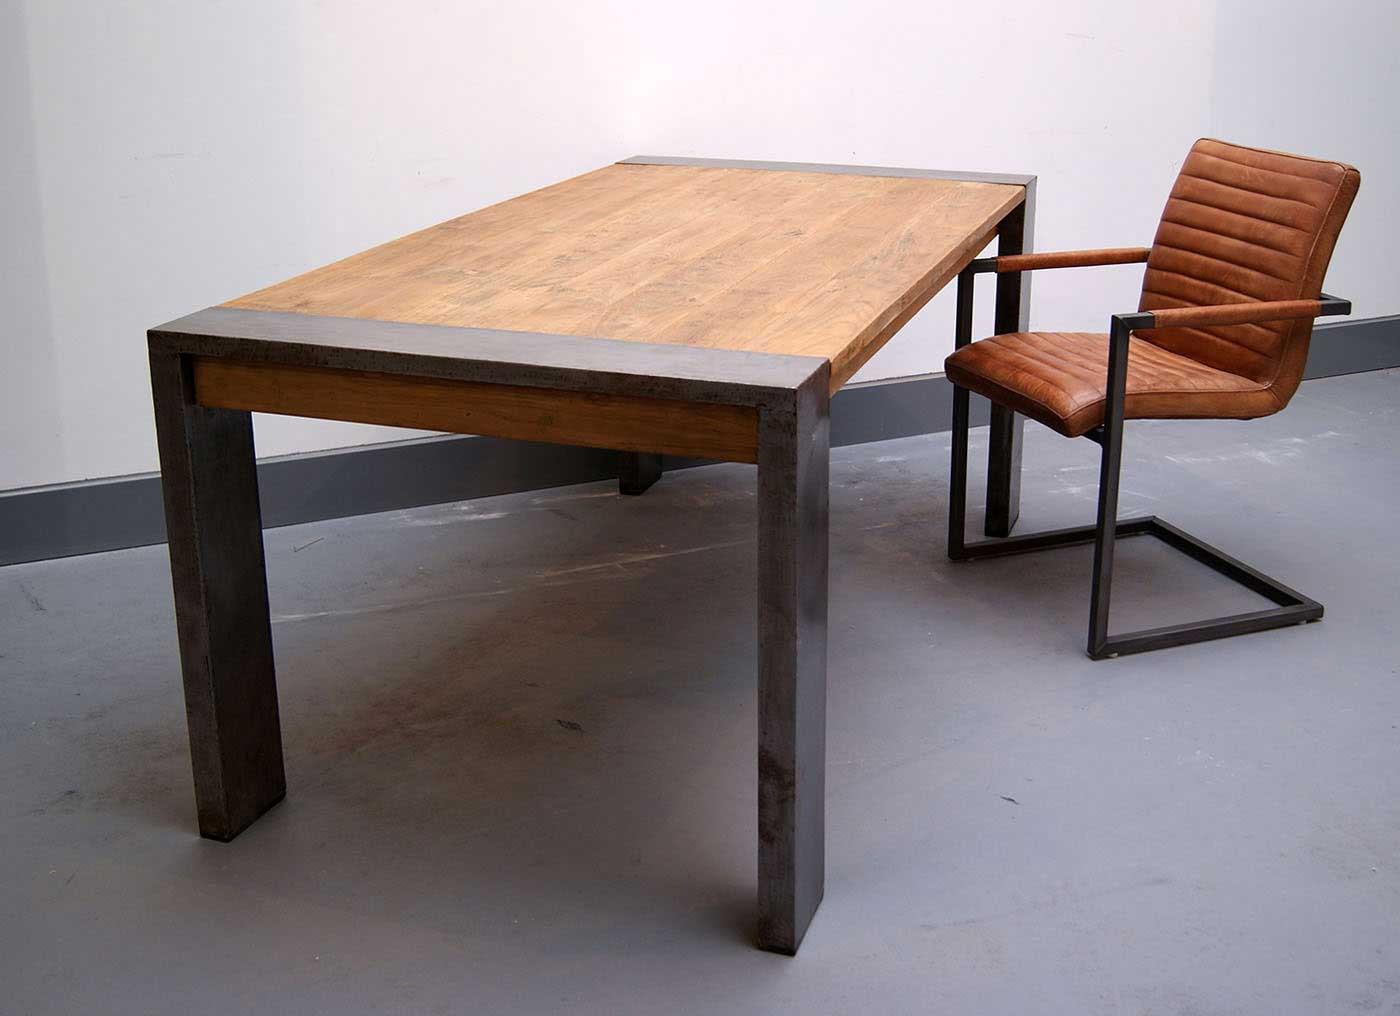 Holz Esstisch  Esstisch Holz Stahl Industriedesign kaufen im borono